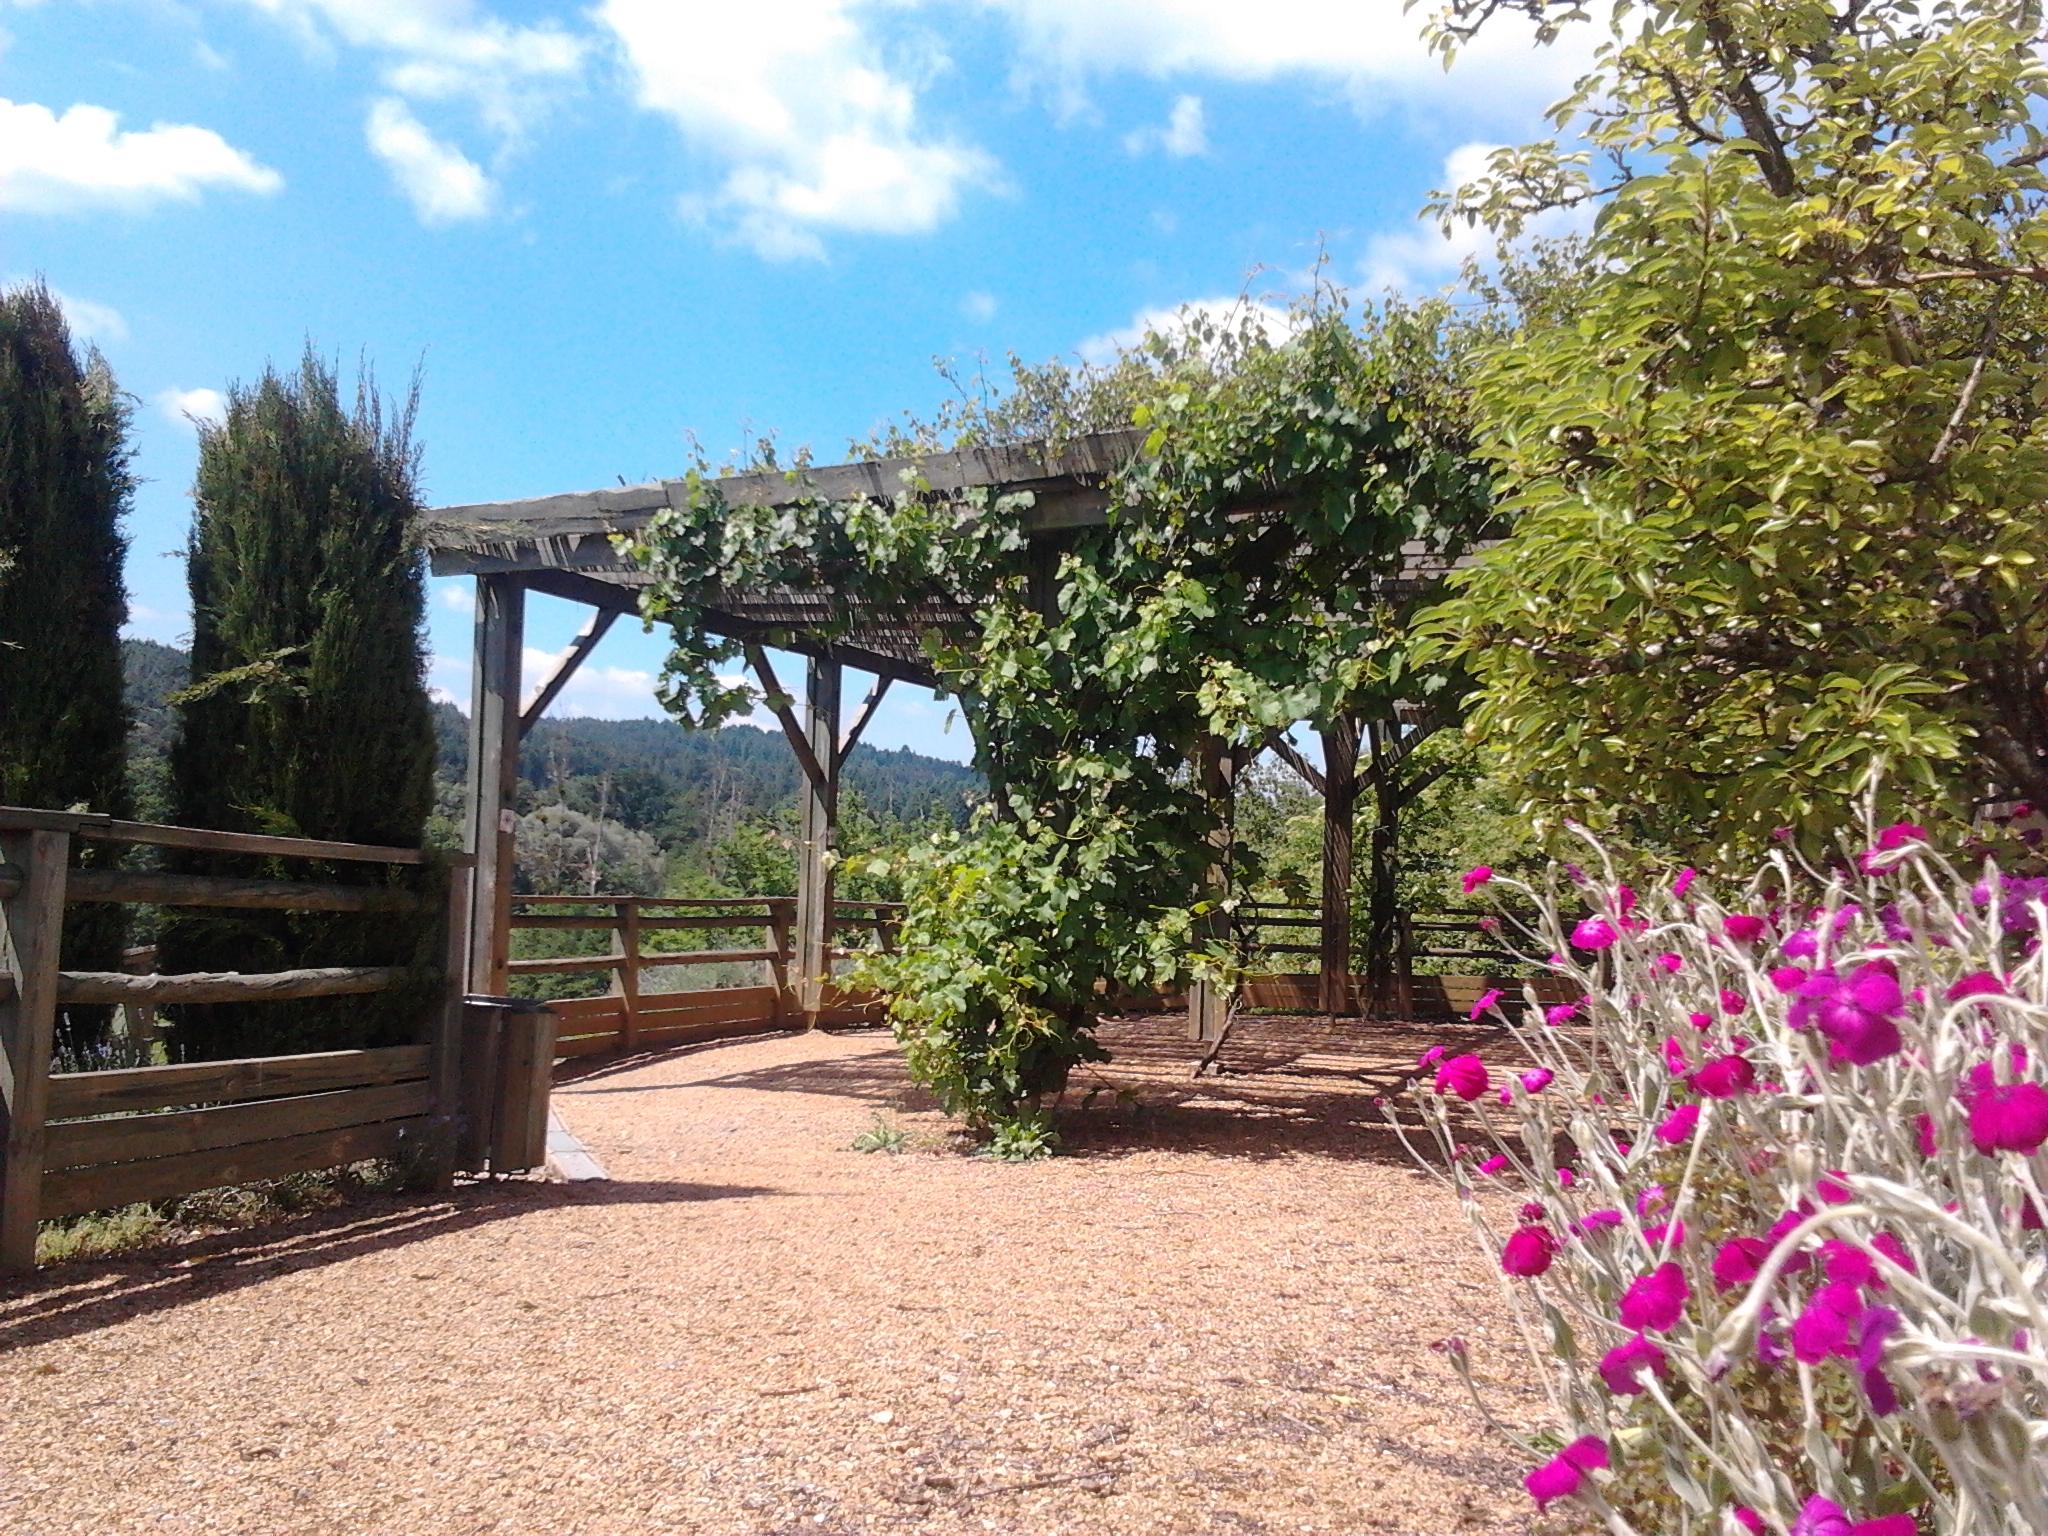 Explorons le jardin pour la terre arlanc 63 for Le jardin 19